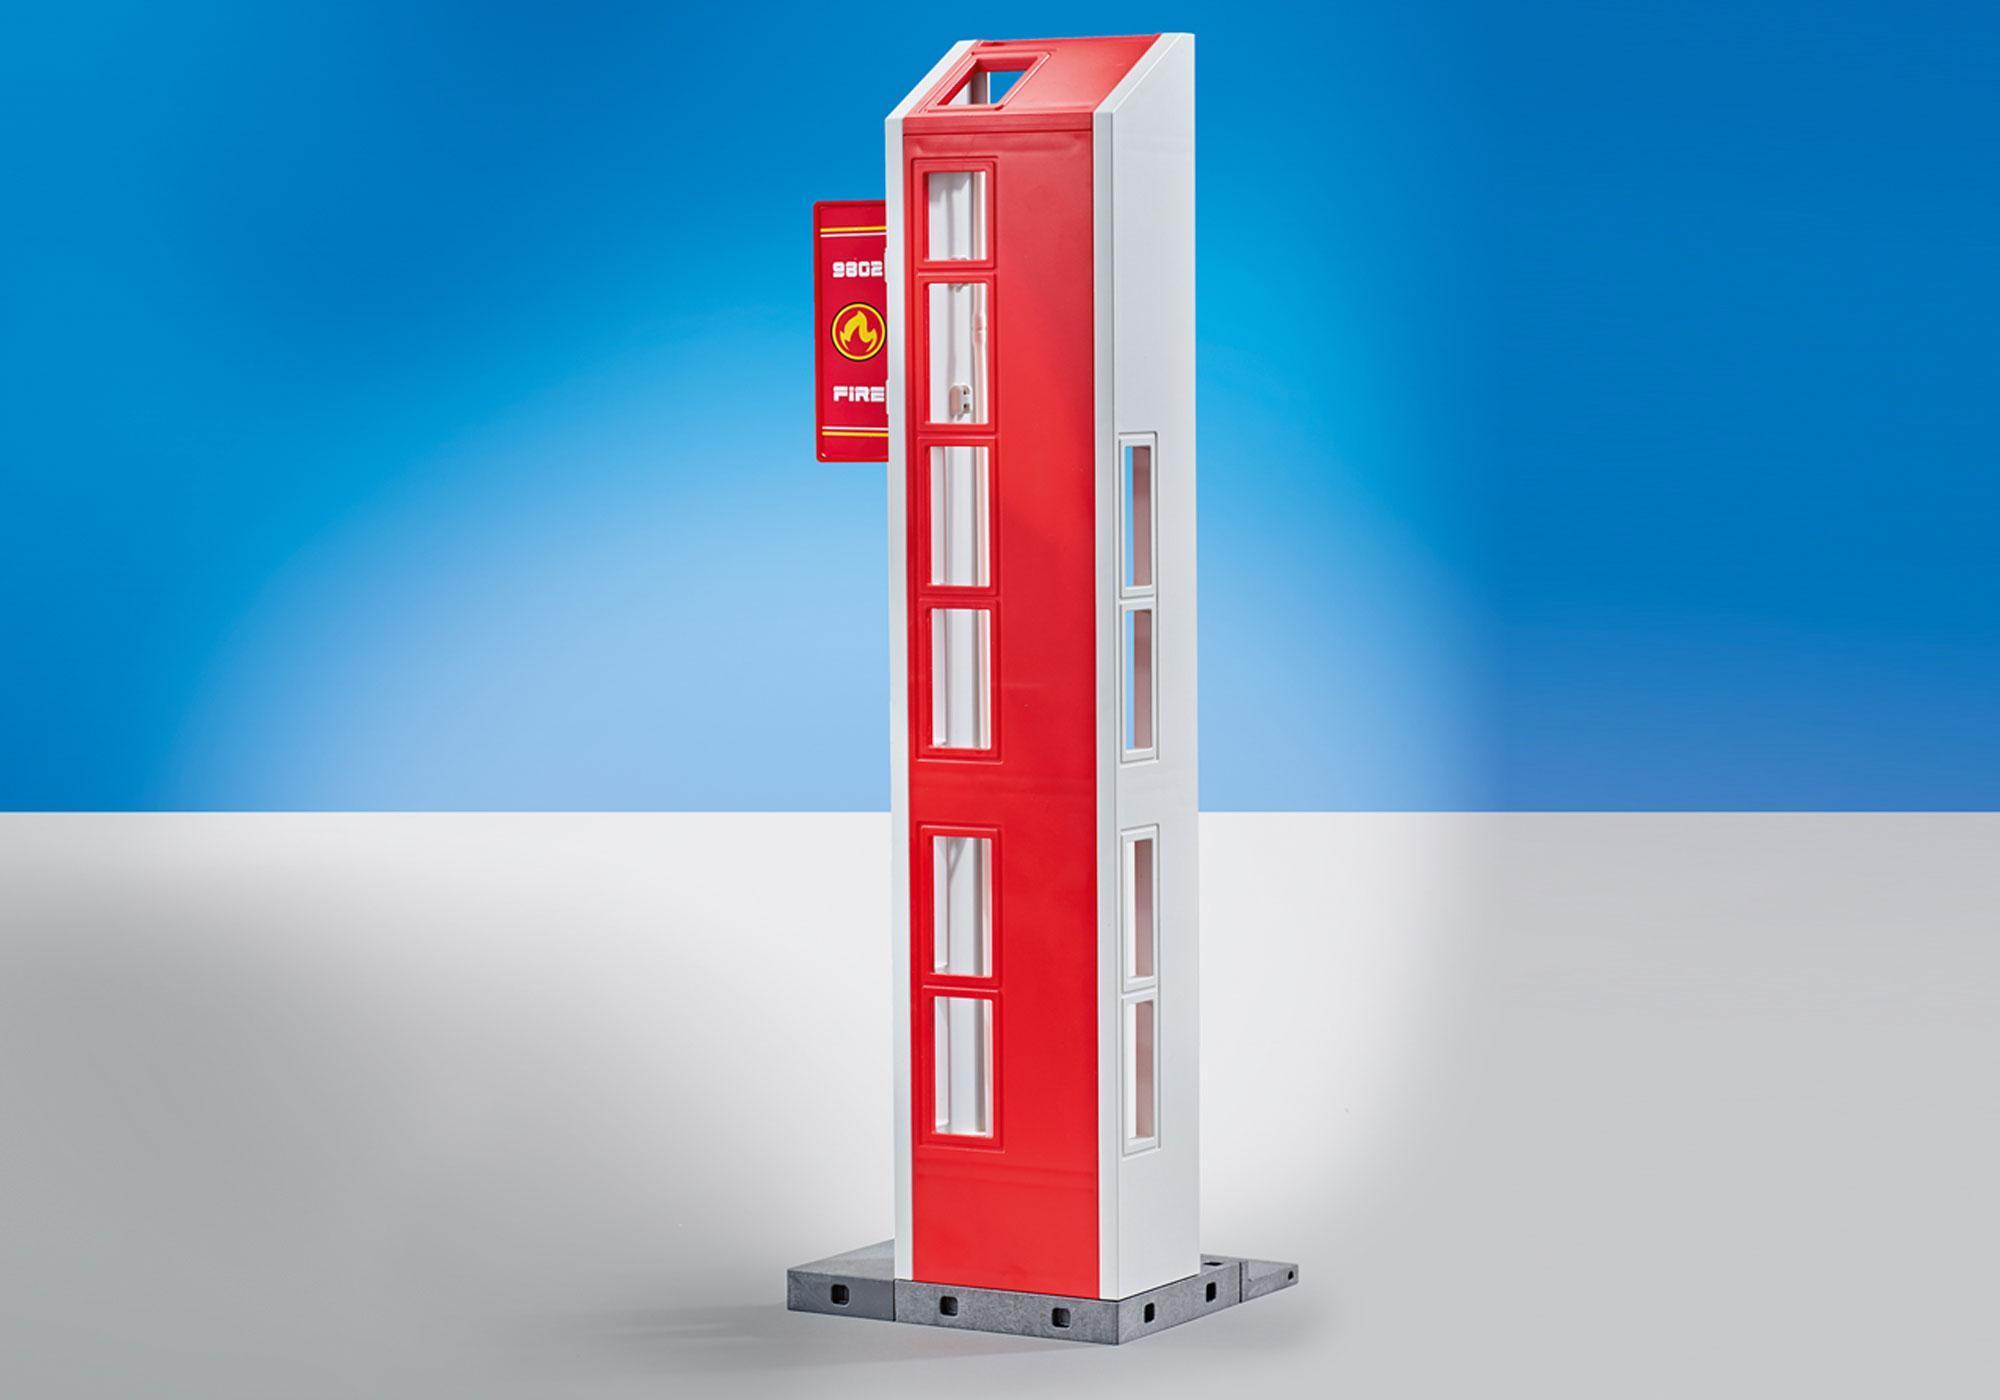 http://media.playmobil.com/i/playmobil/9802_product_detail/Torre di esercitazione con allarme. (Compatibile con la Stazione dei Vigili del Fuoco 9462)